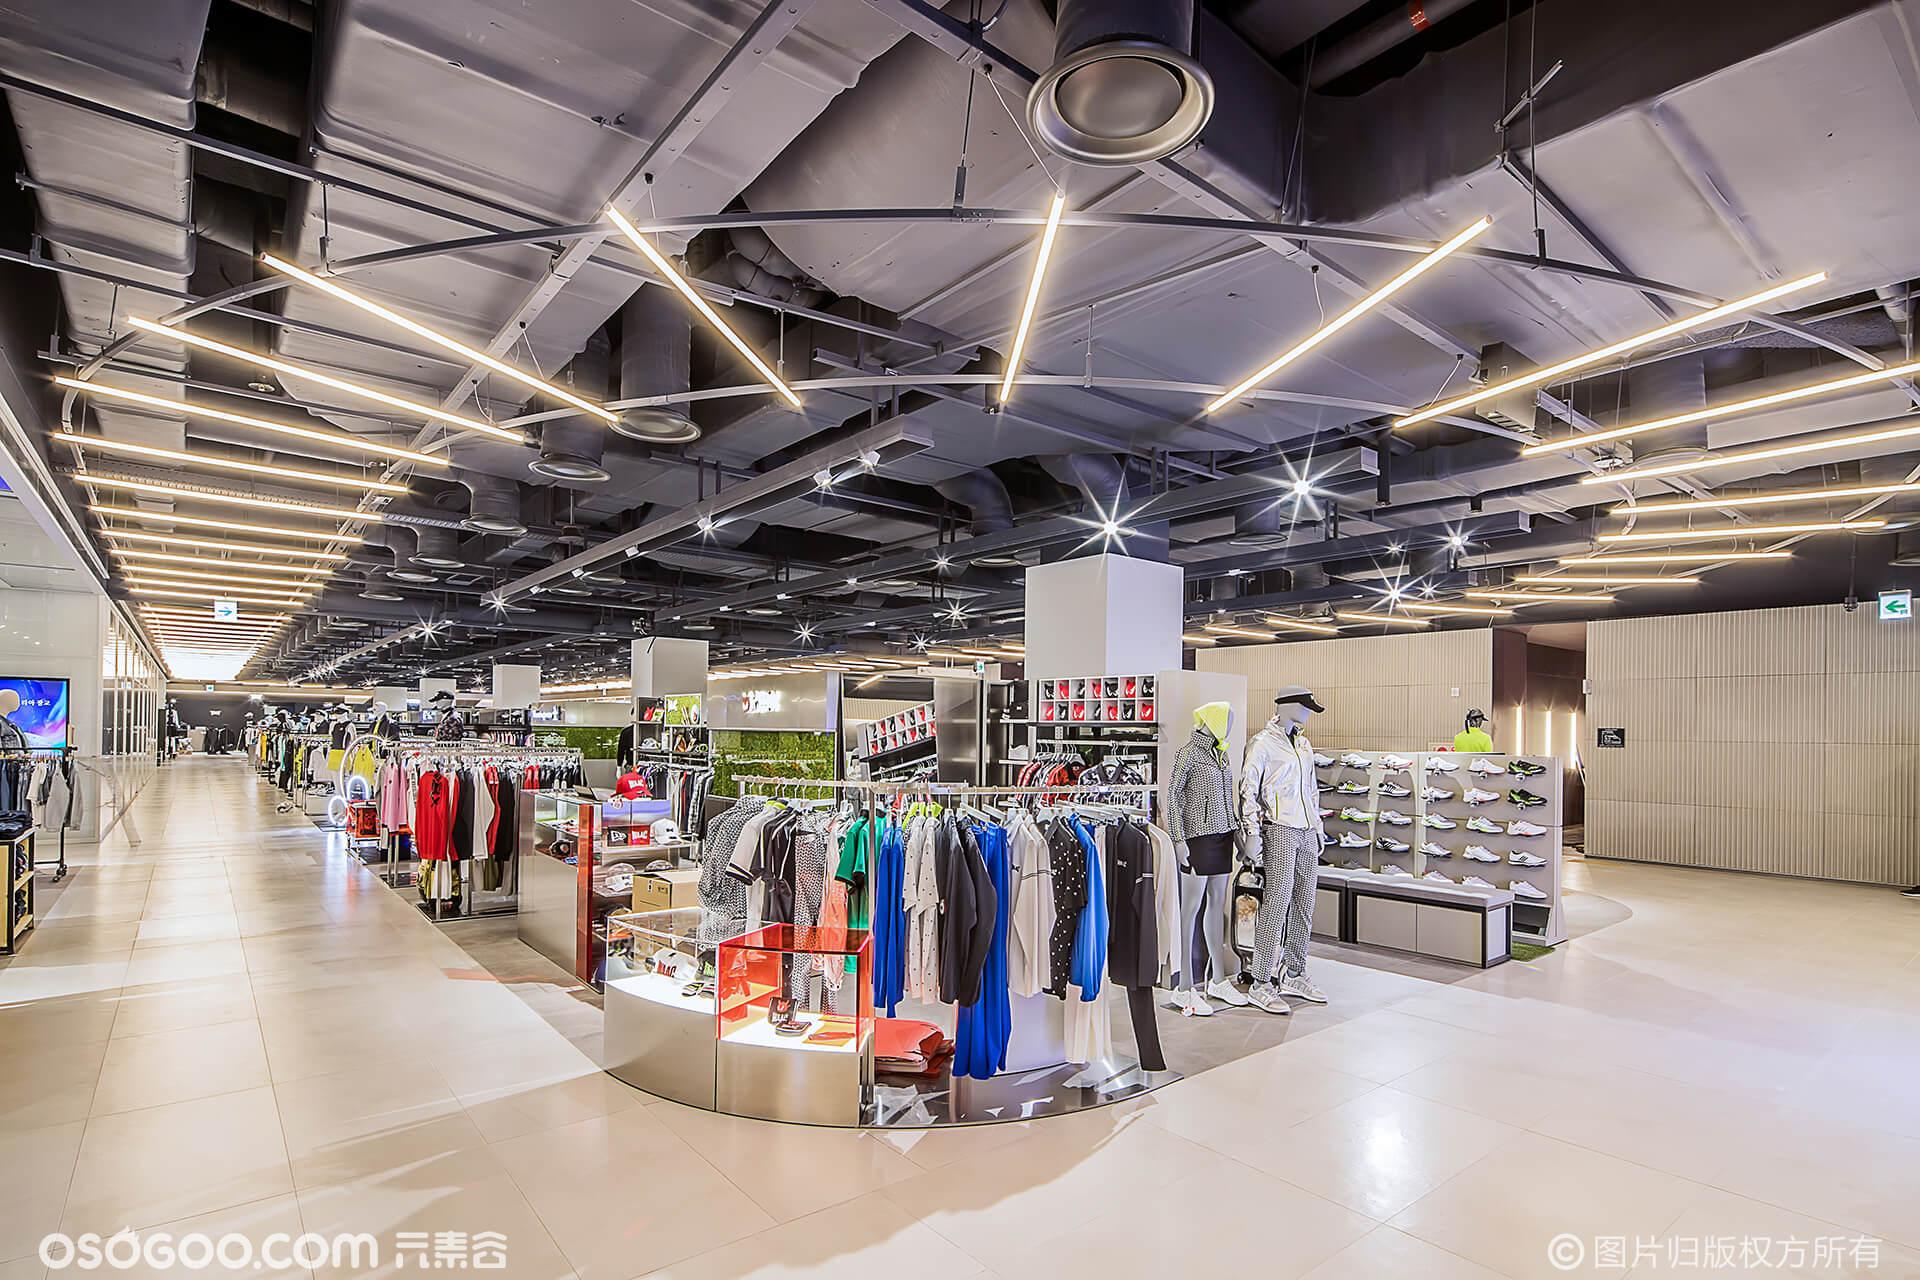 逛街购物并欣赏美景?OMA在韩国开设的新百货商店不符合传统零